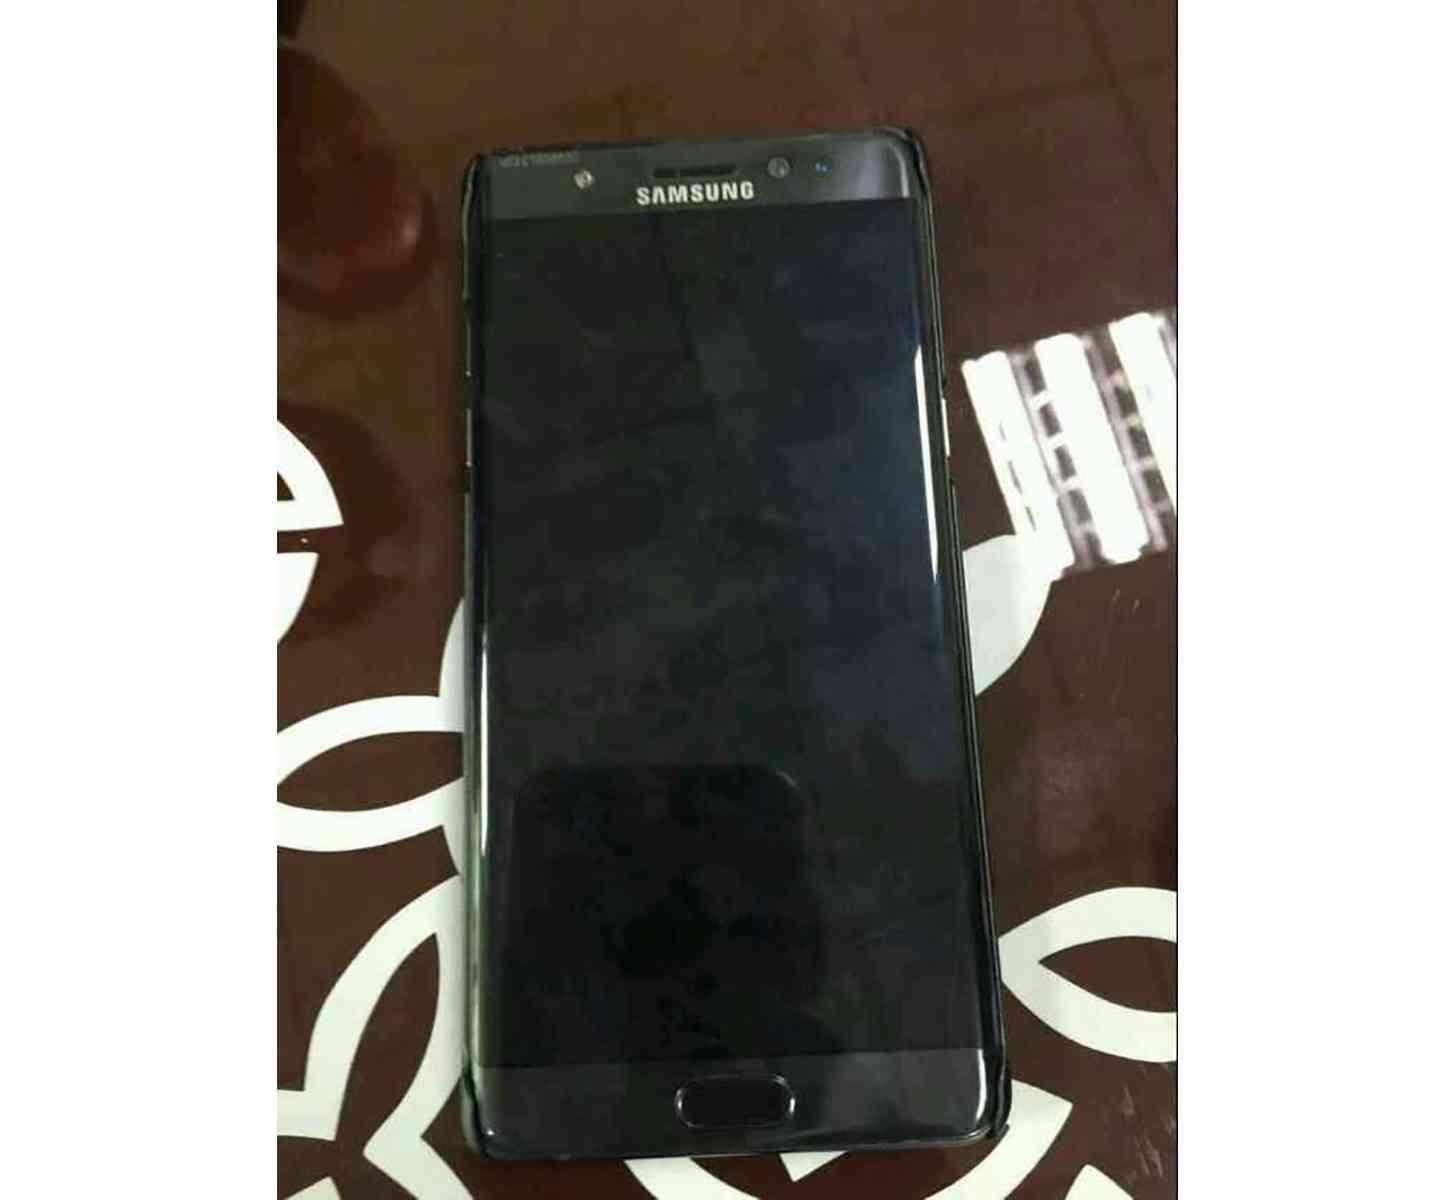 Samsung Galaxy Note 7 leak front